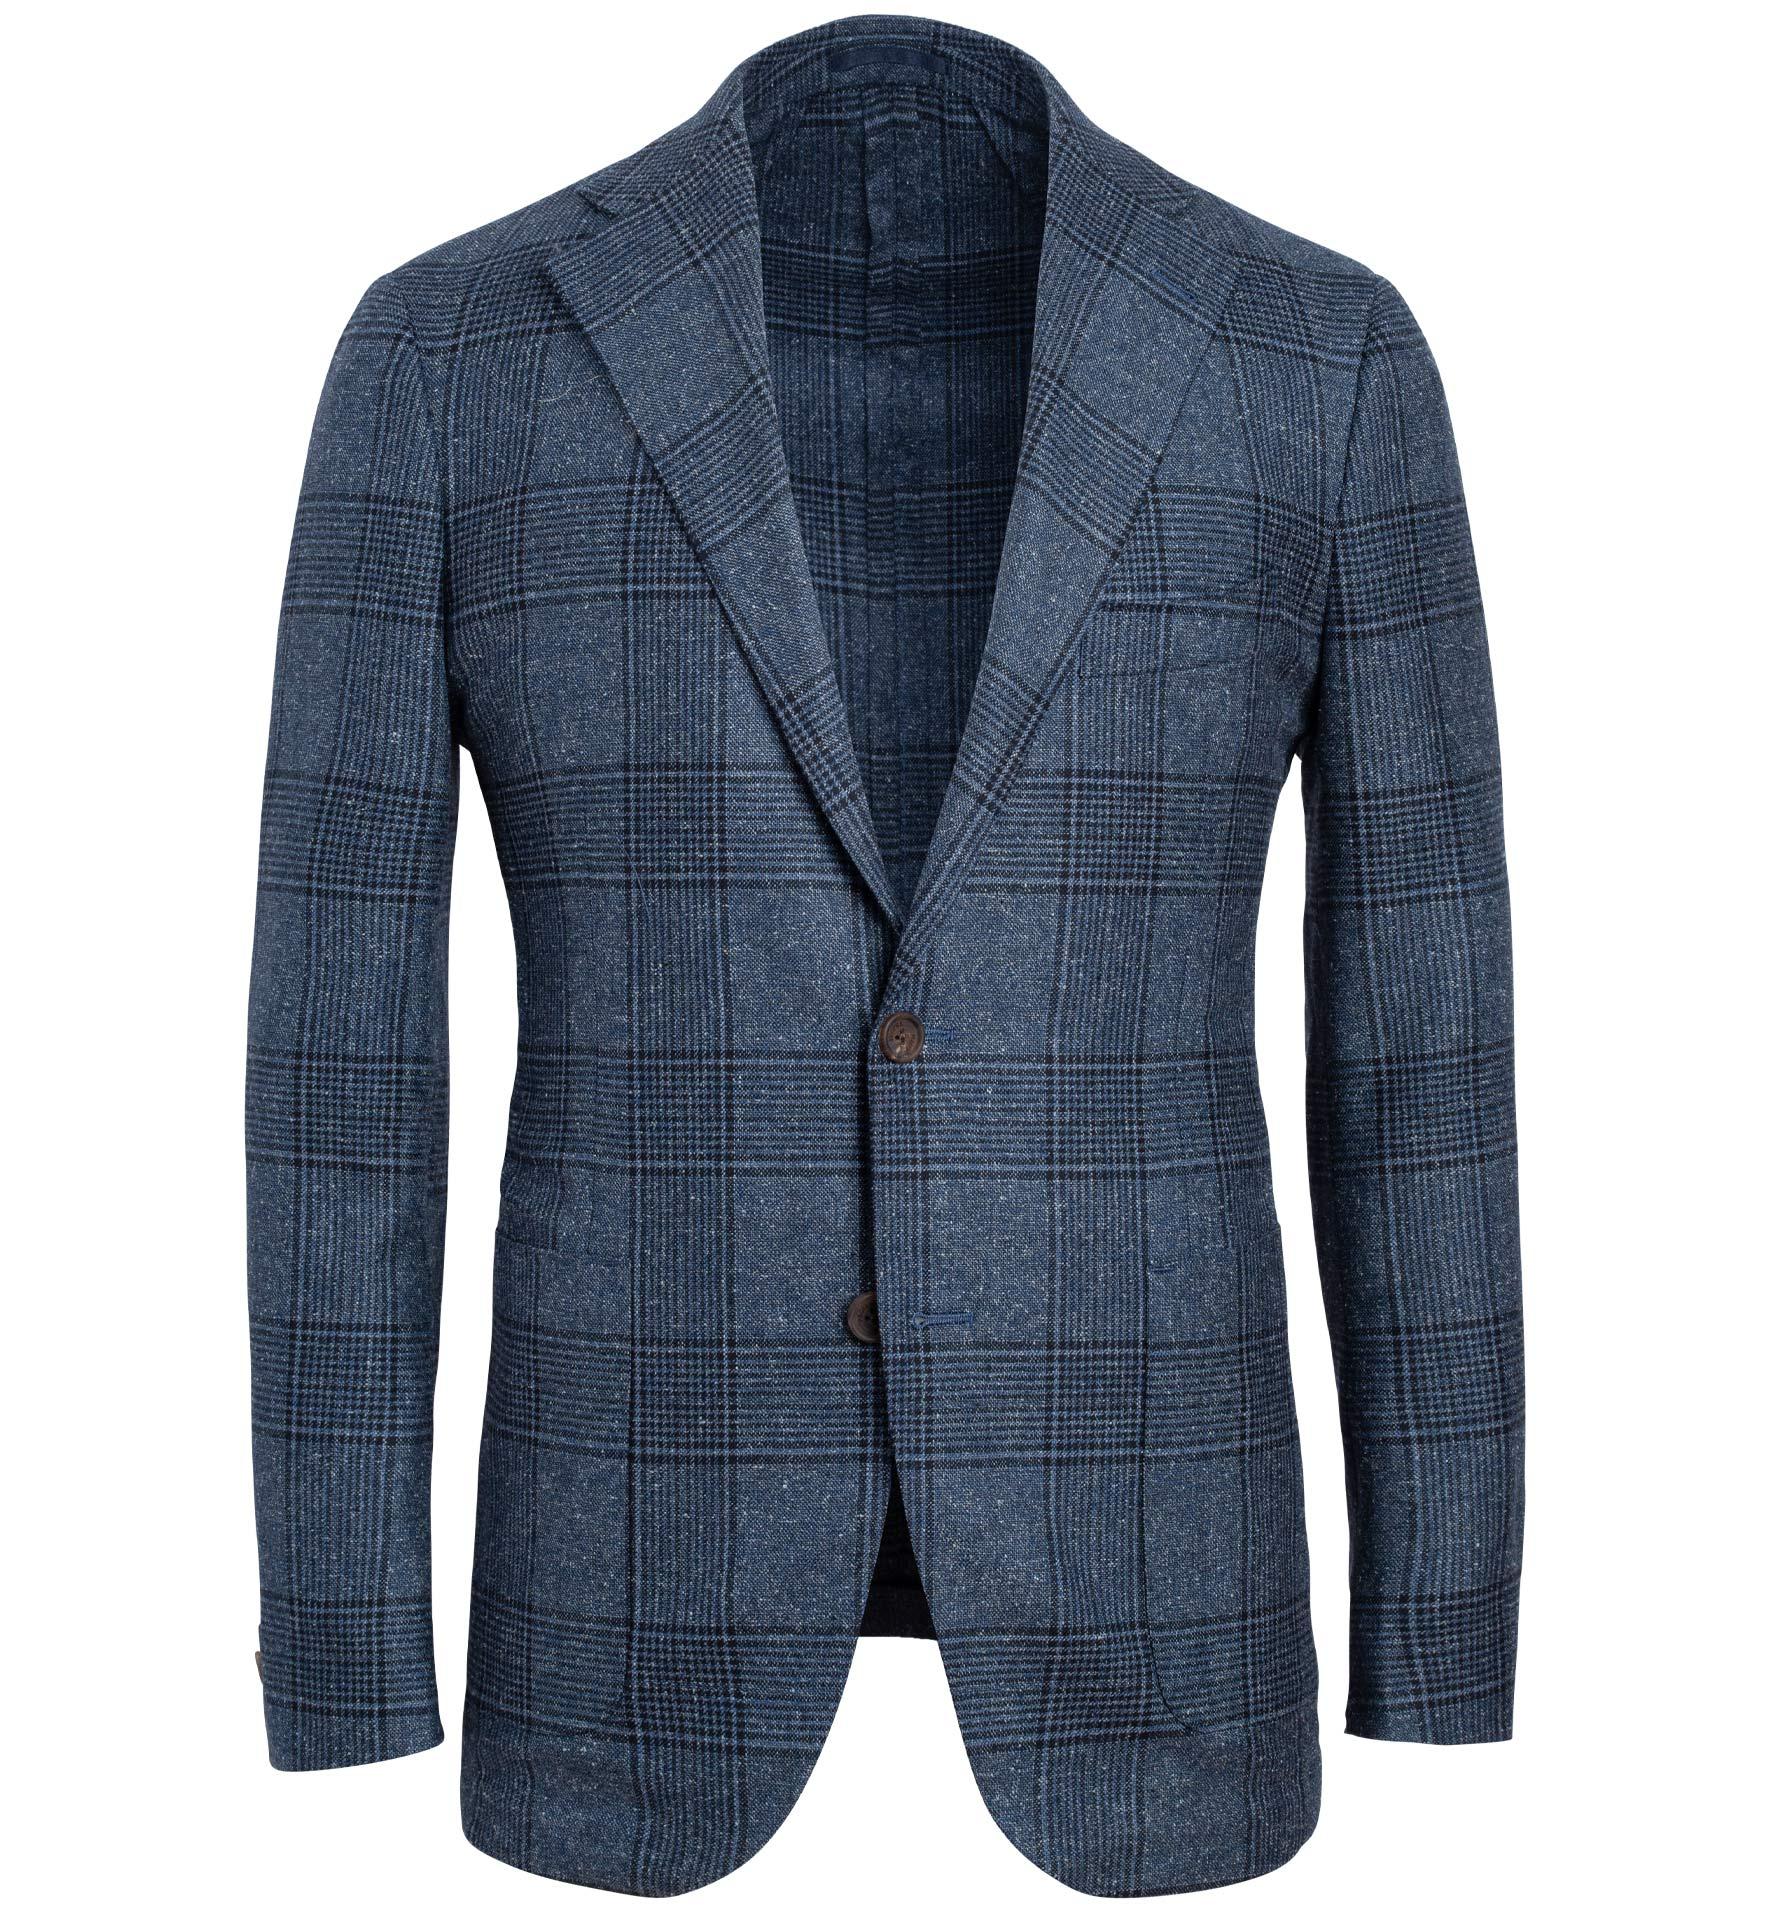 Zoom Image of Bedford Slate Blue Large Glen Plaid Textured Jacket